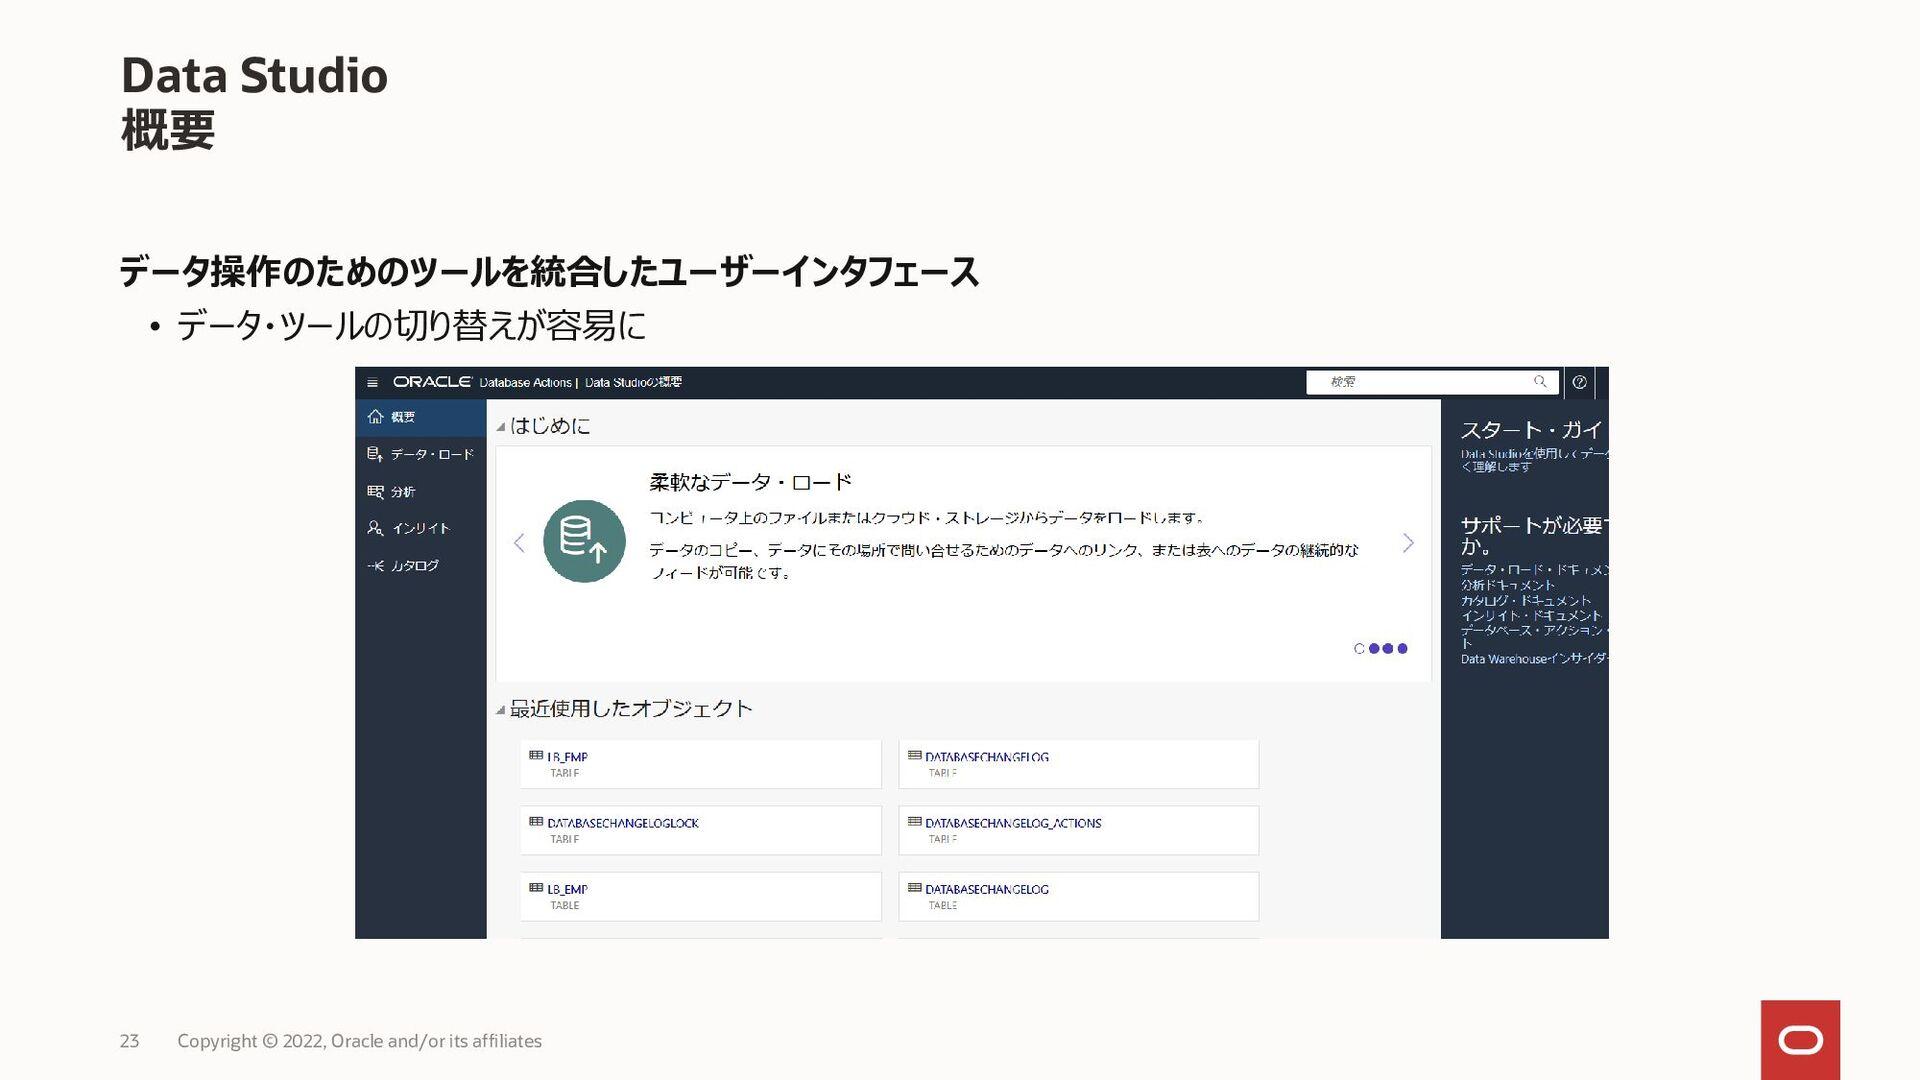 JSONコレクションの管理とクエリの実行 • JSONコレクションの表示、作成、削除と検索 •...